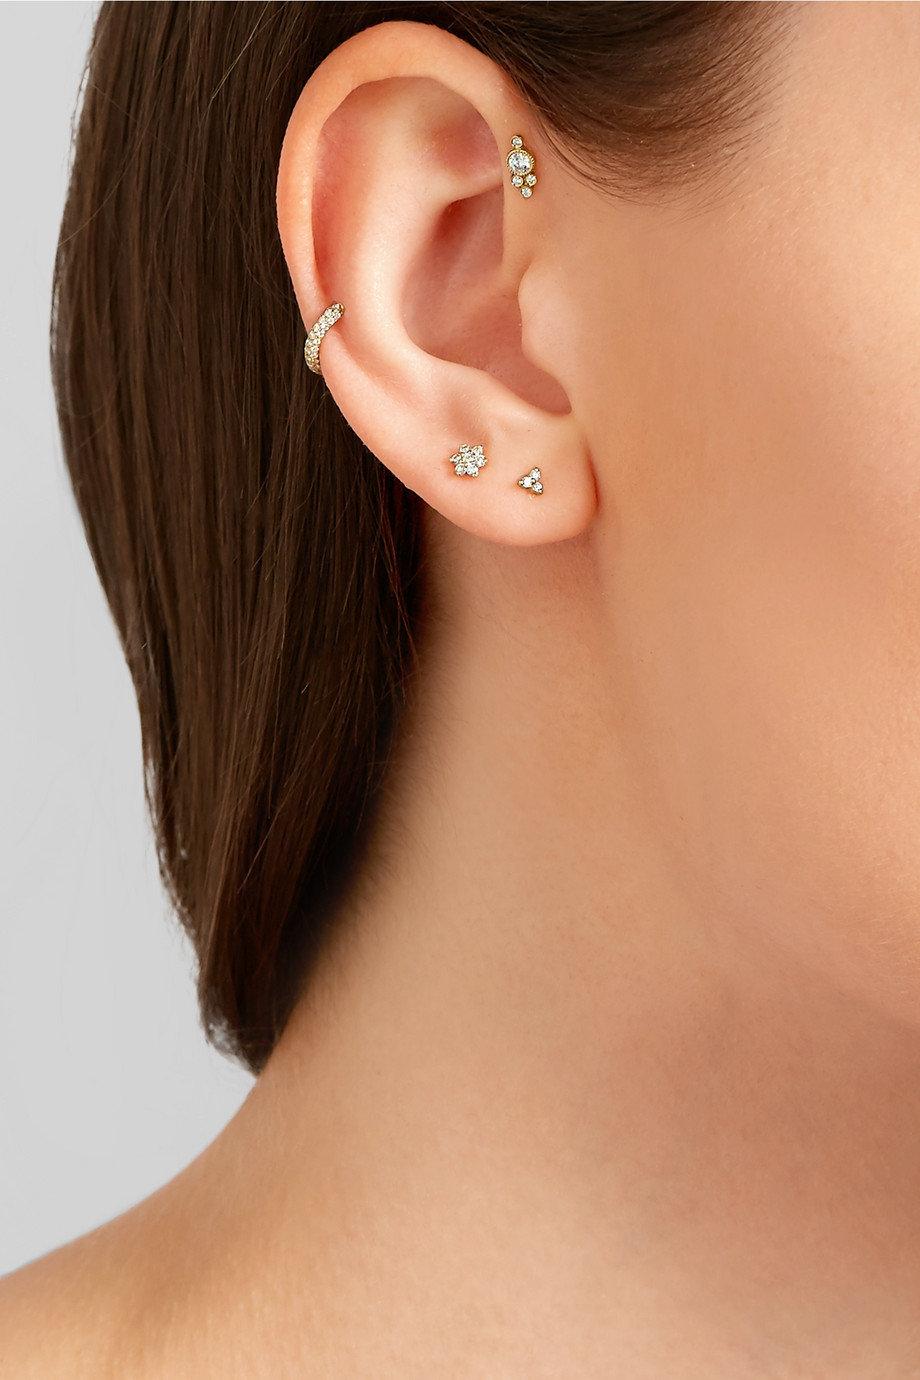 сережки гвоздики фото на ушах были язычниками